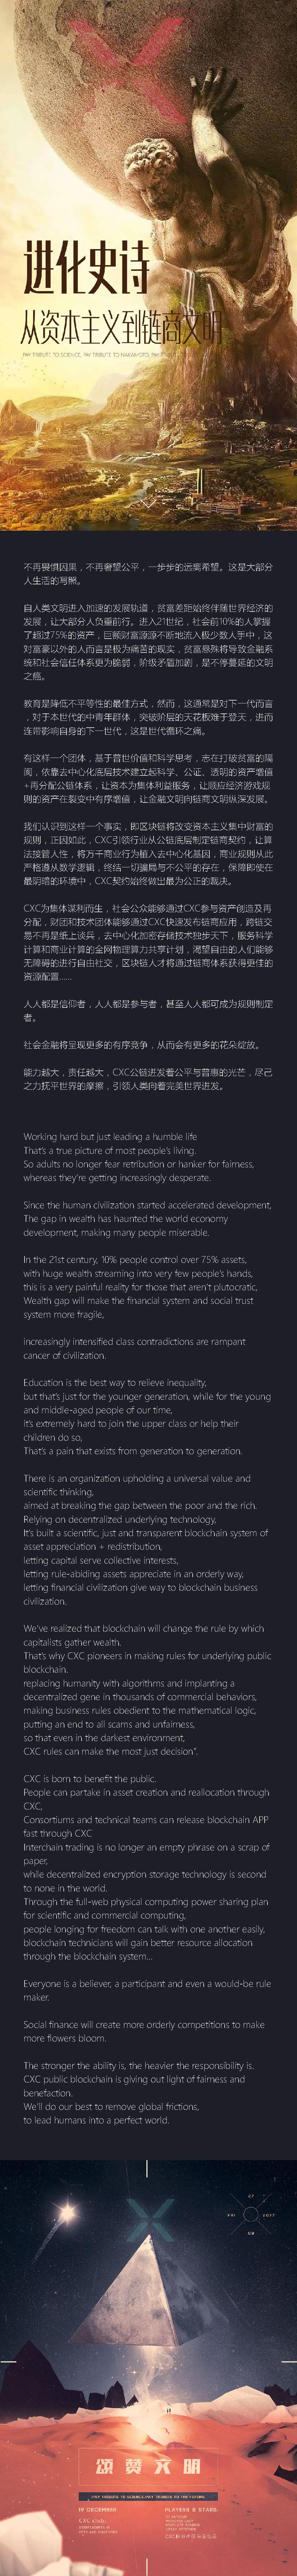 """3-从资本主义到链商文明"""""""